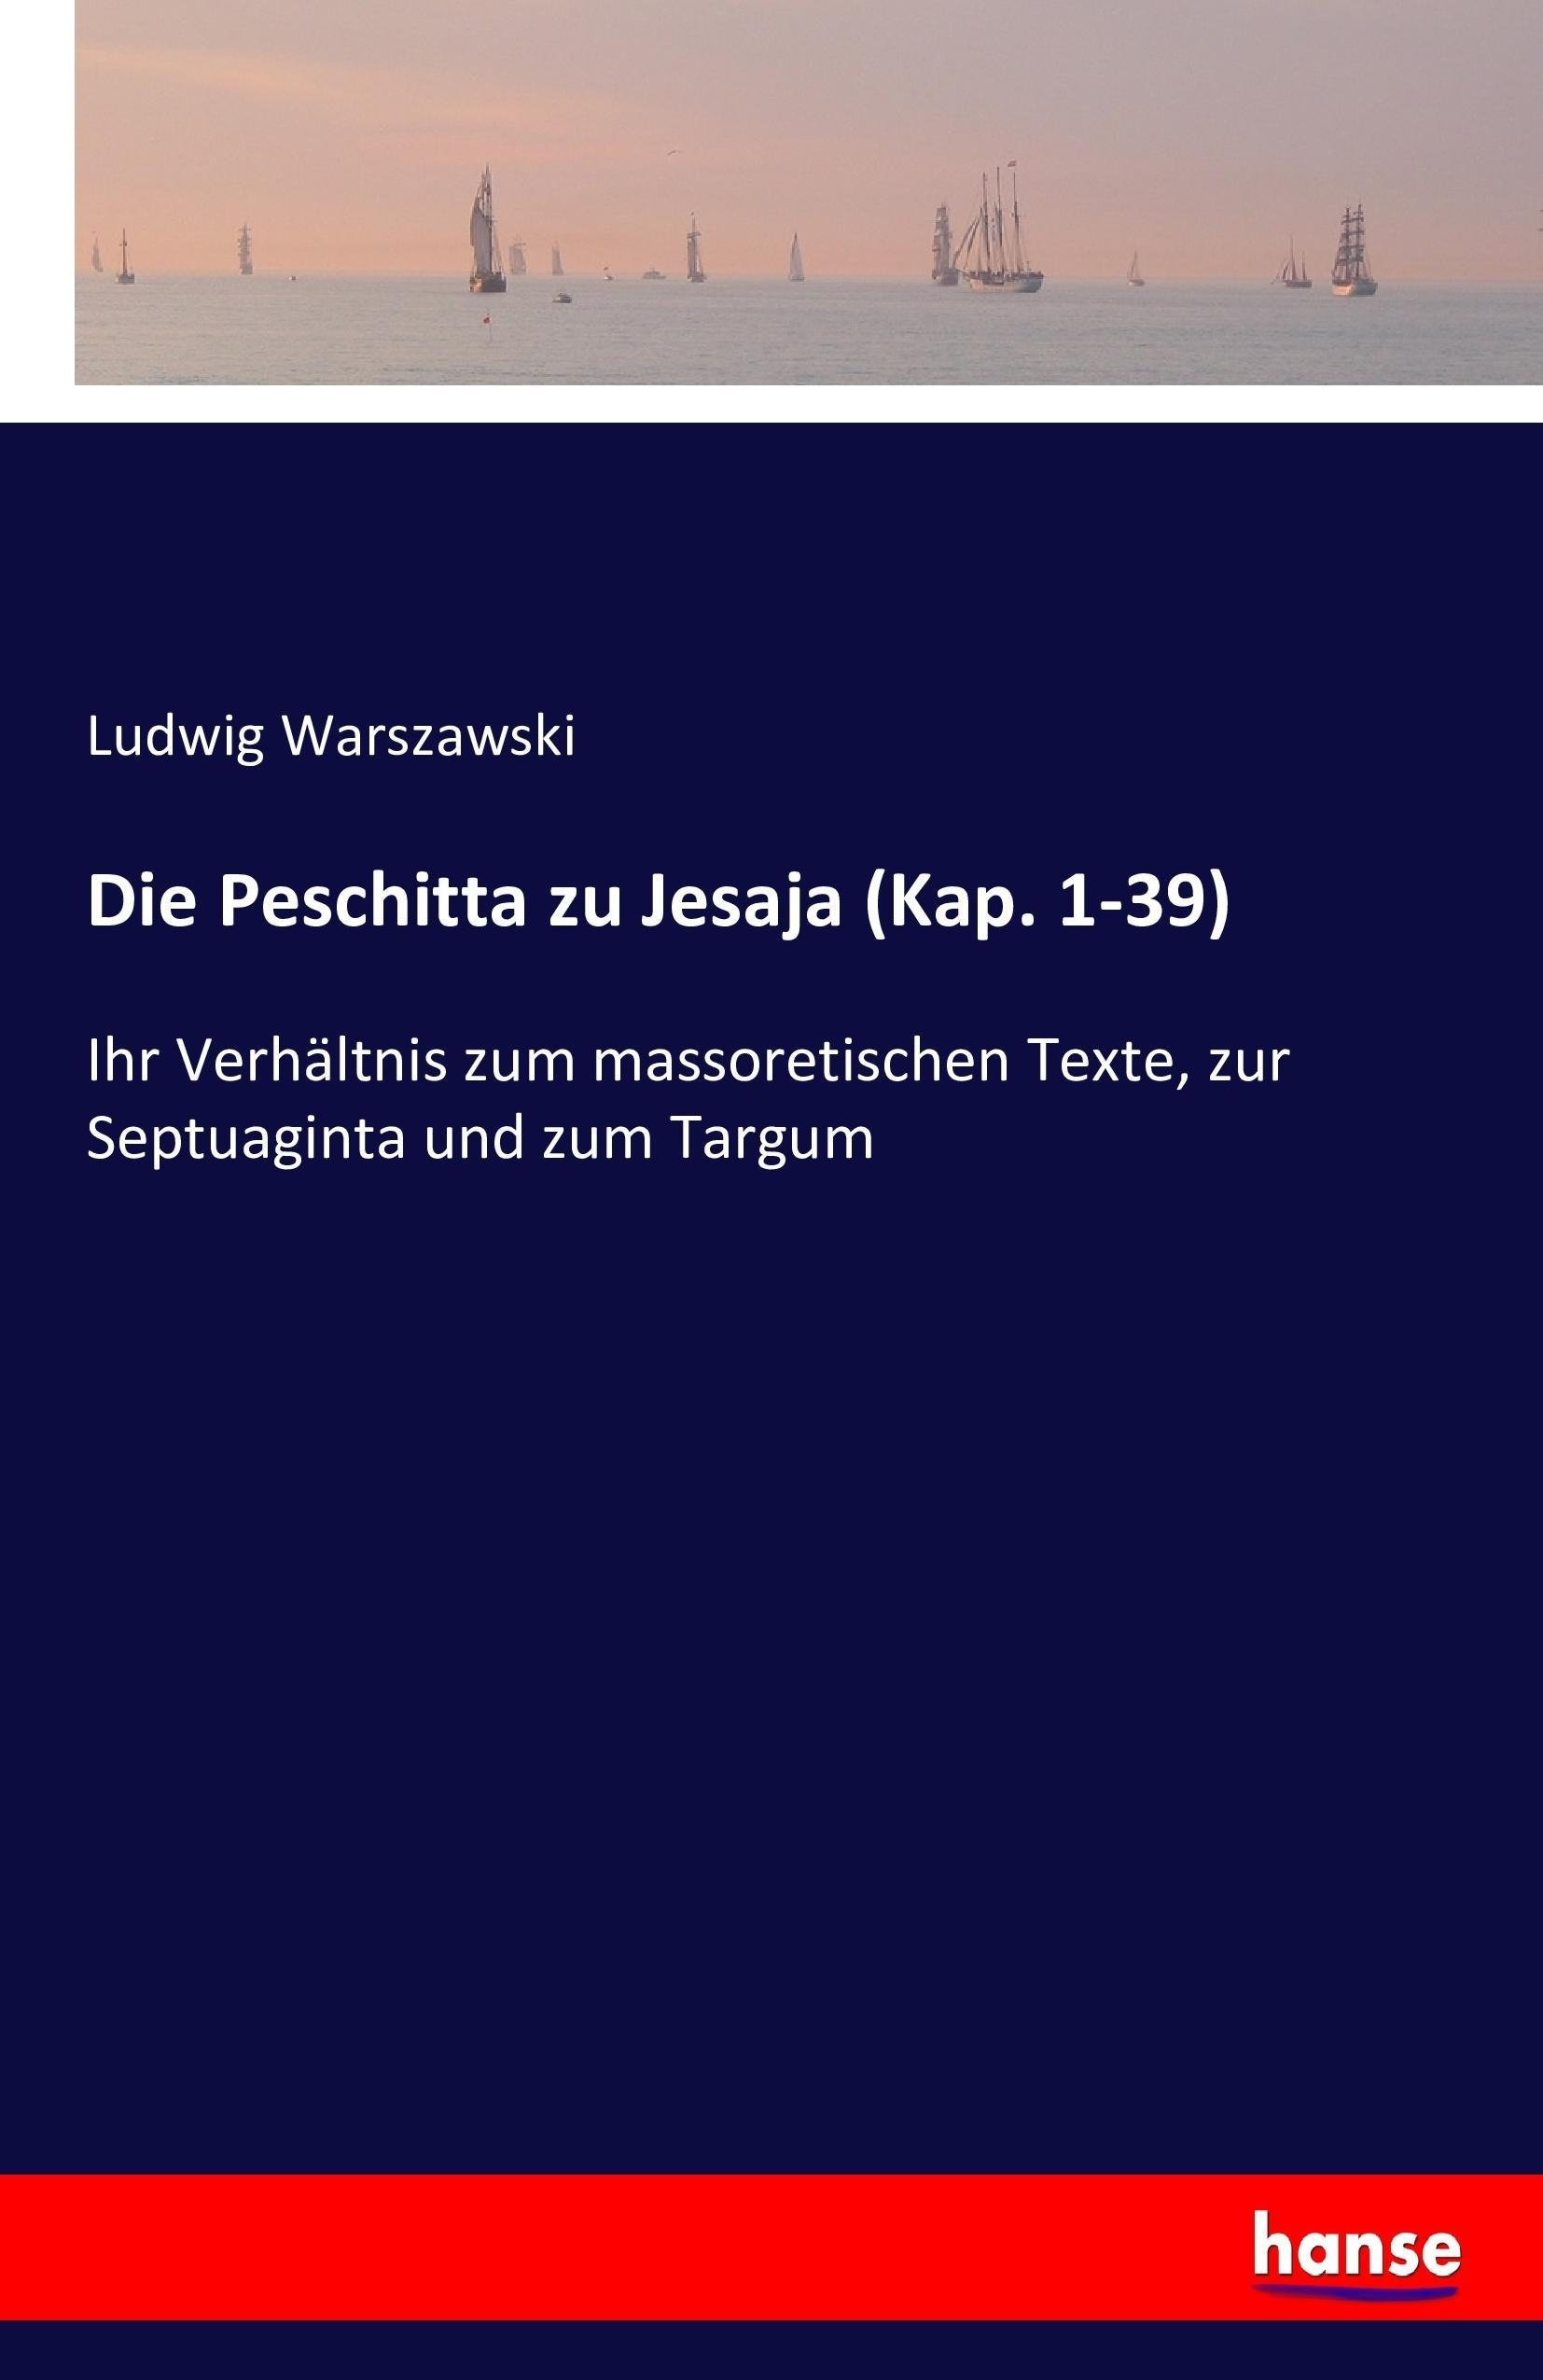 Die Peschitta zu Jesaja (Kap. 1-39) | Ludwig Warszawski |  9783742830661